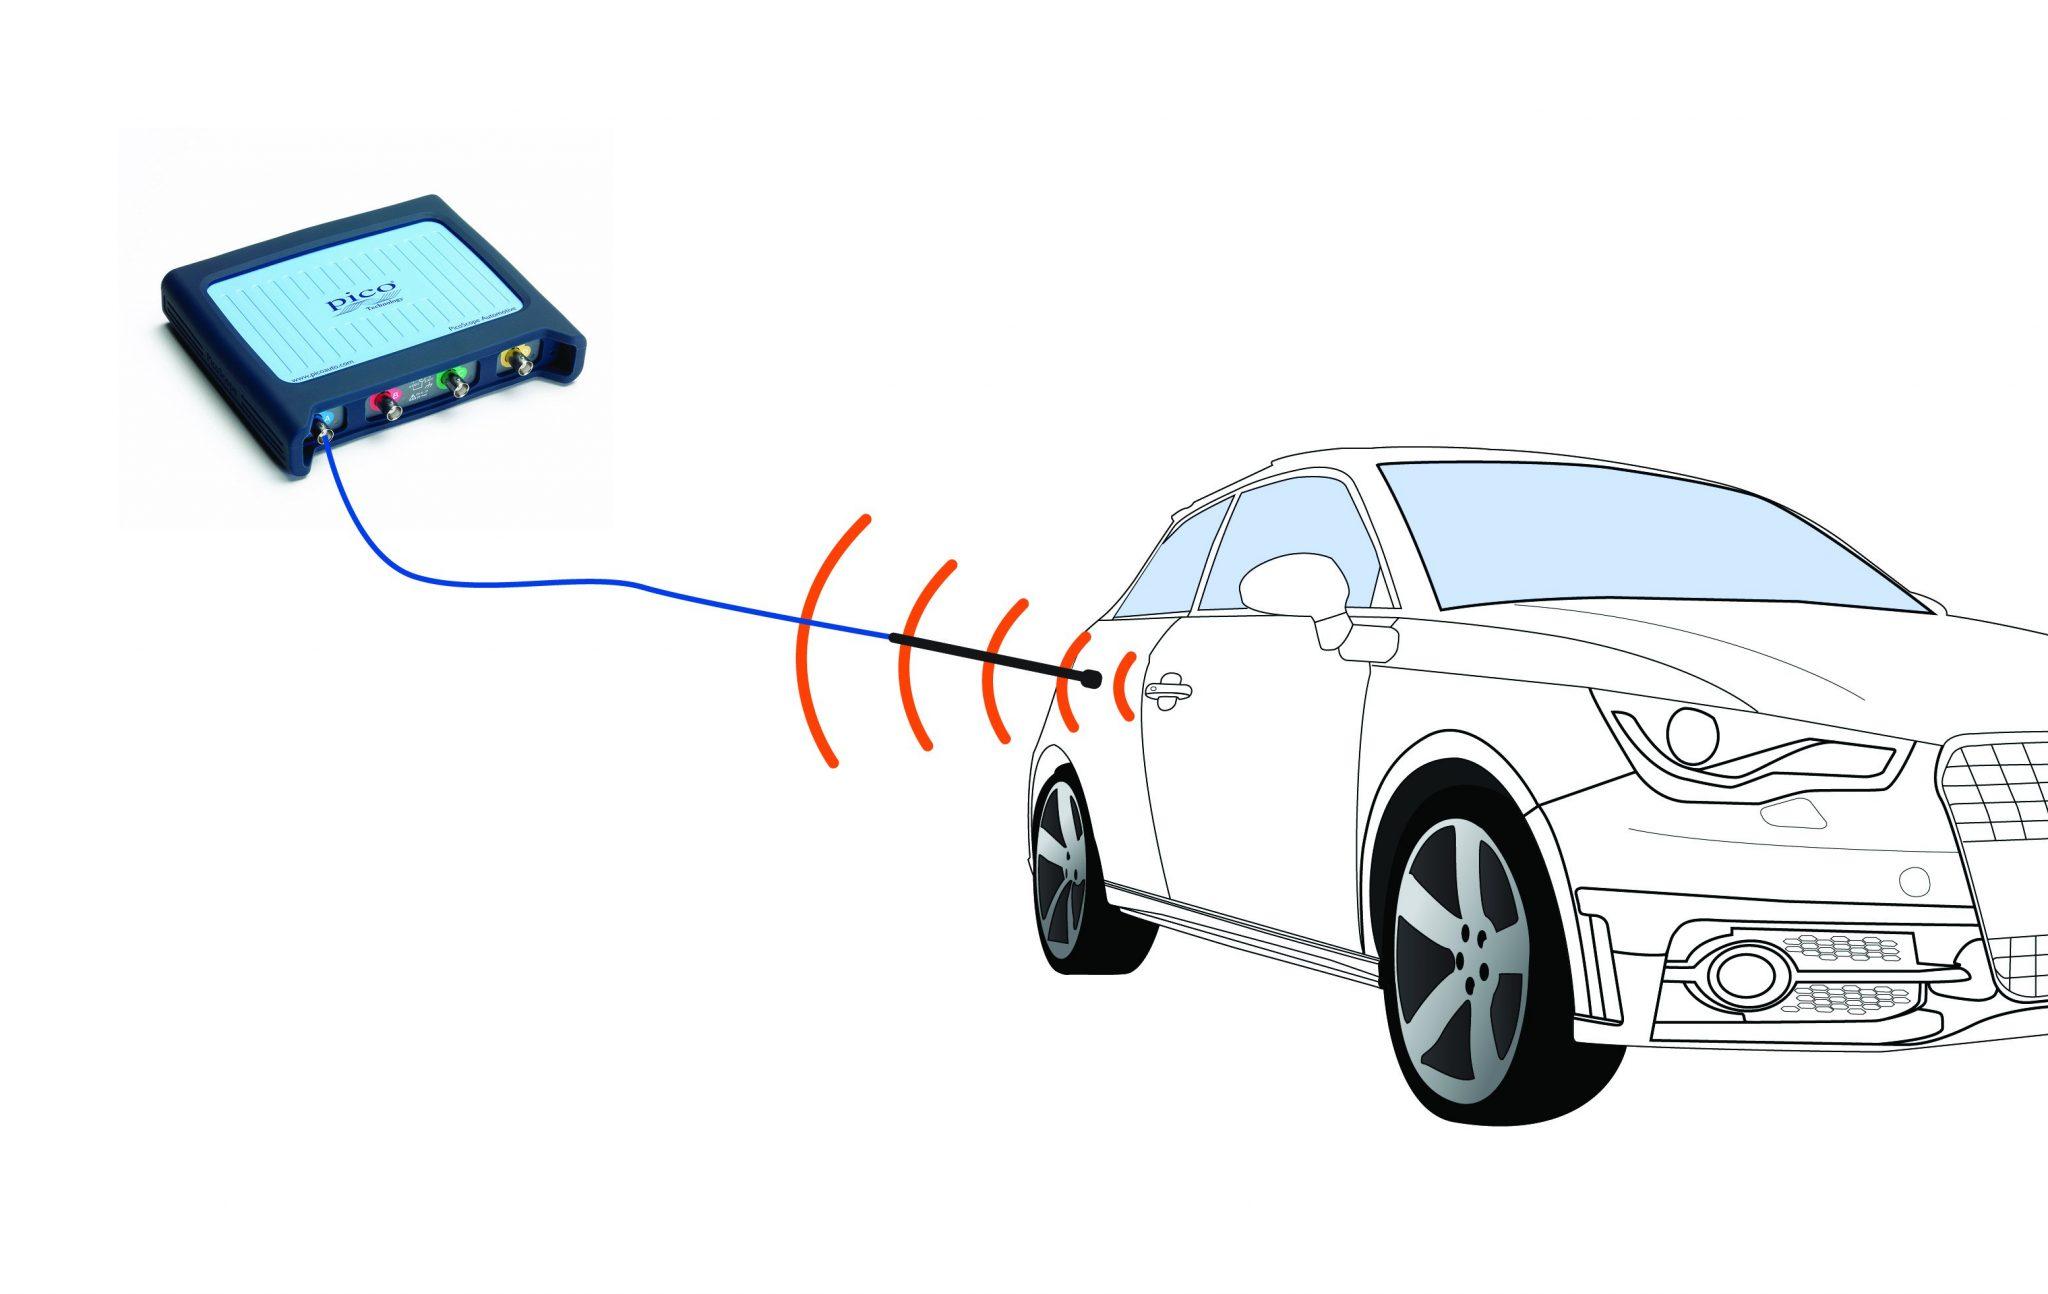 L'utilisation du détecteur de signal de porteuse d'entrée sans clé